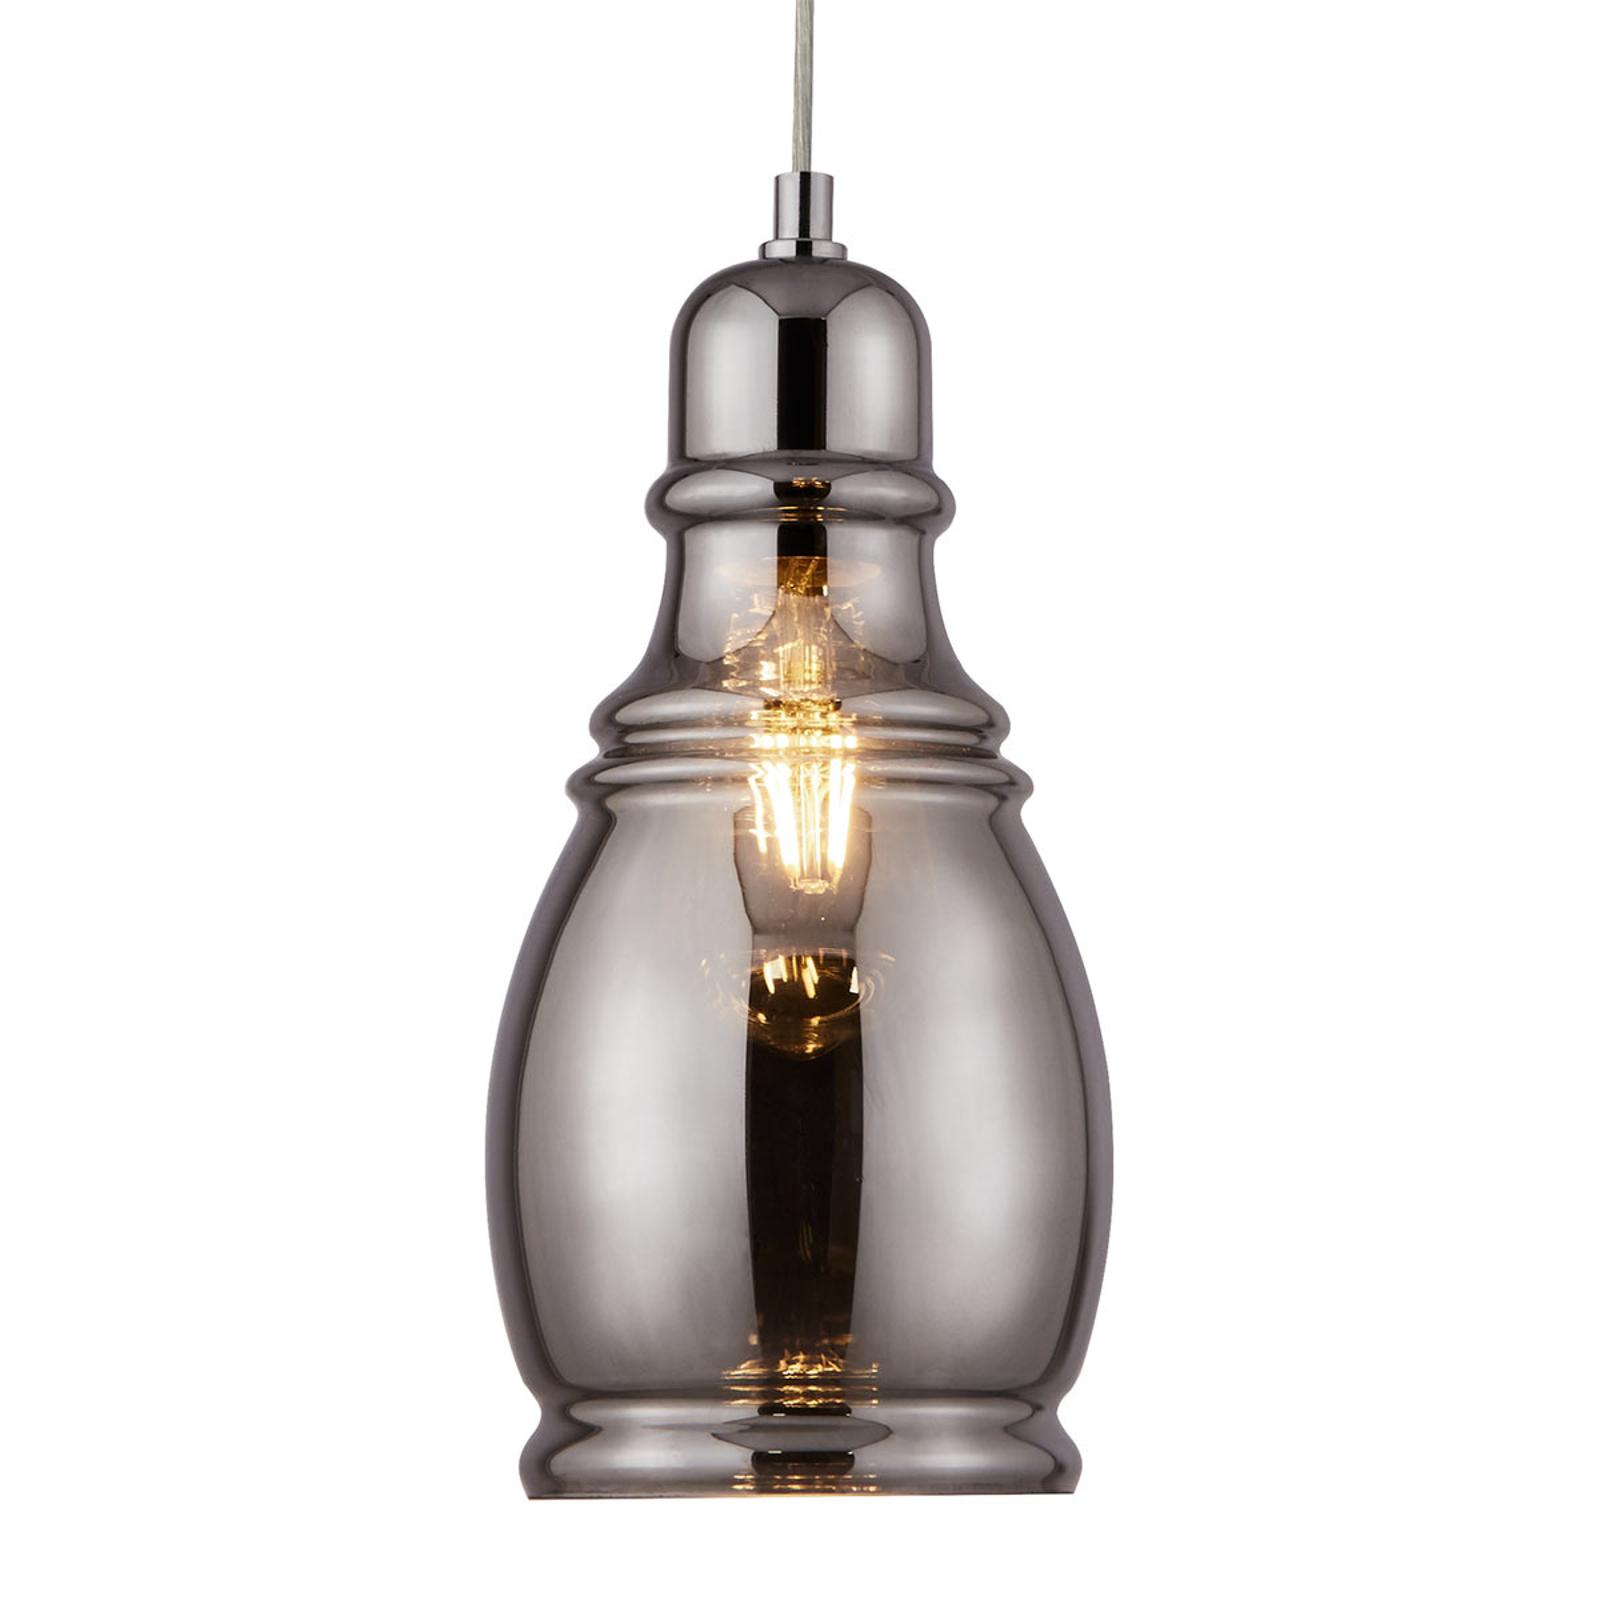 Lampa wisząca Olsson w stylu vintage